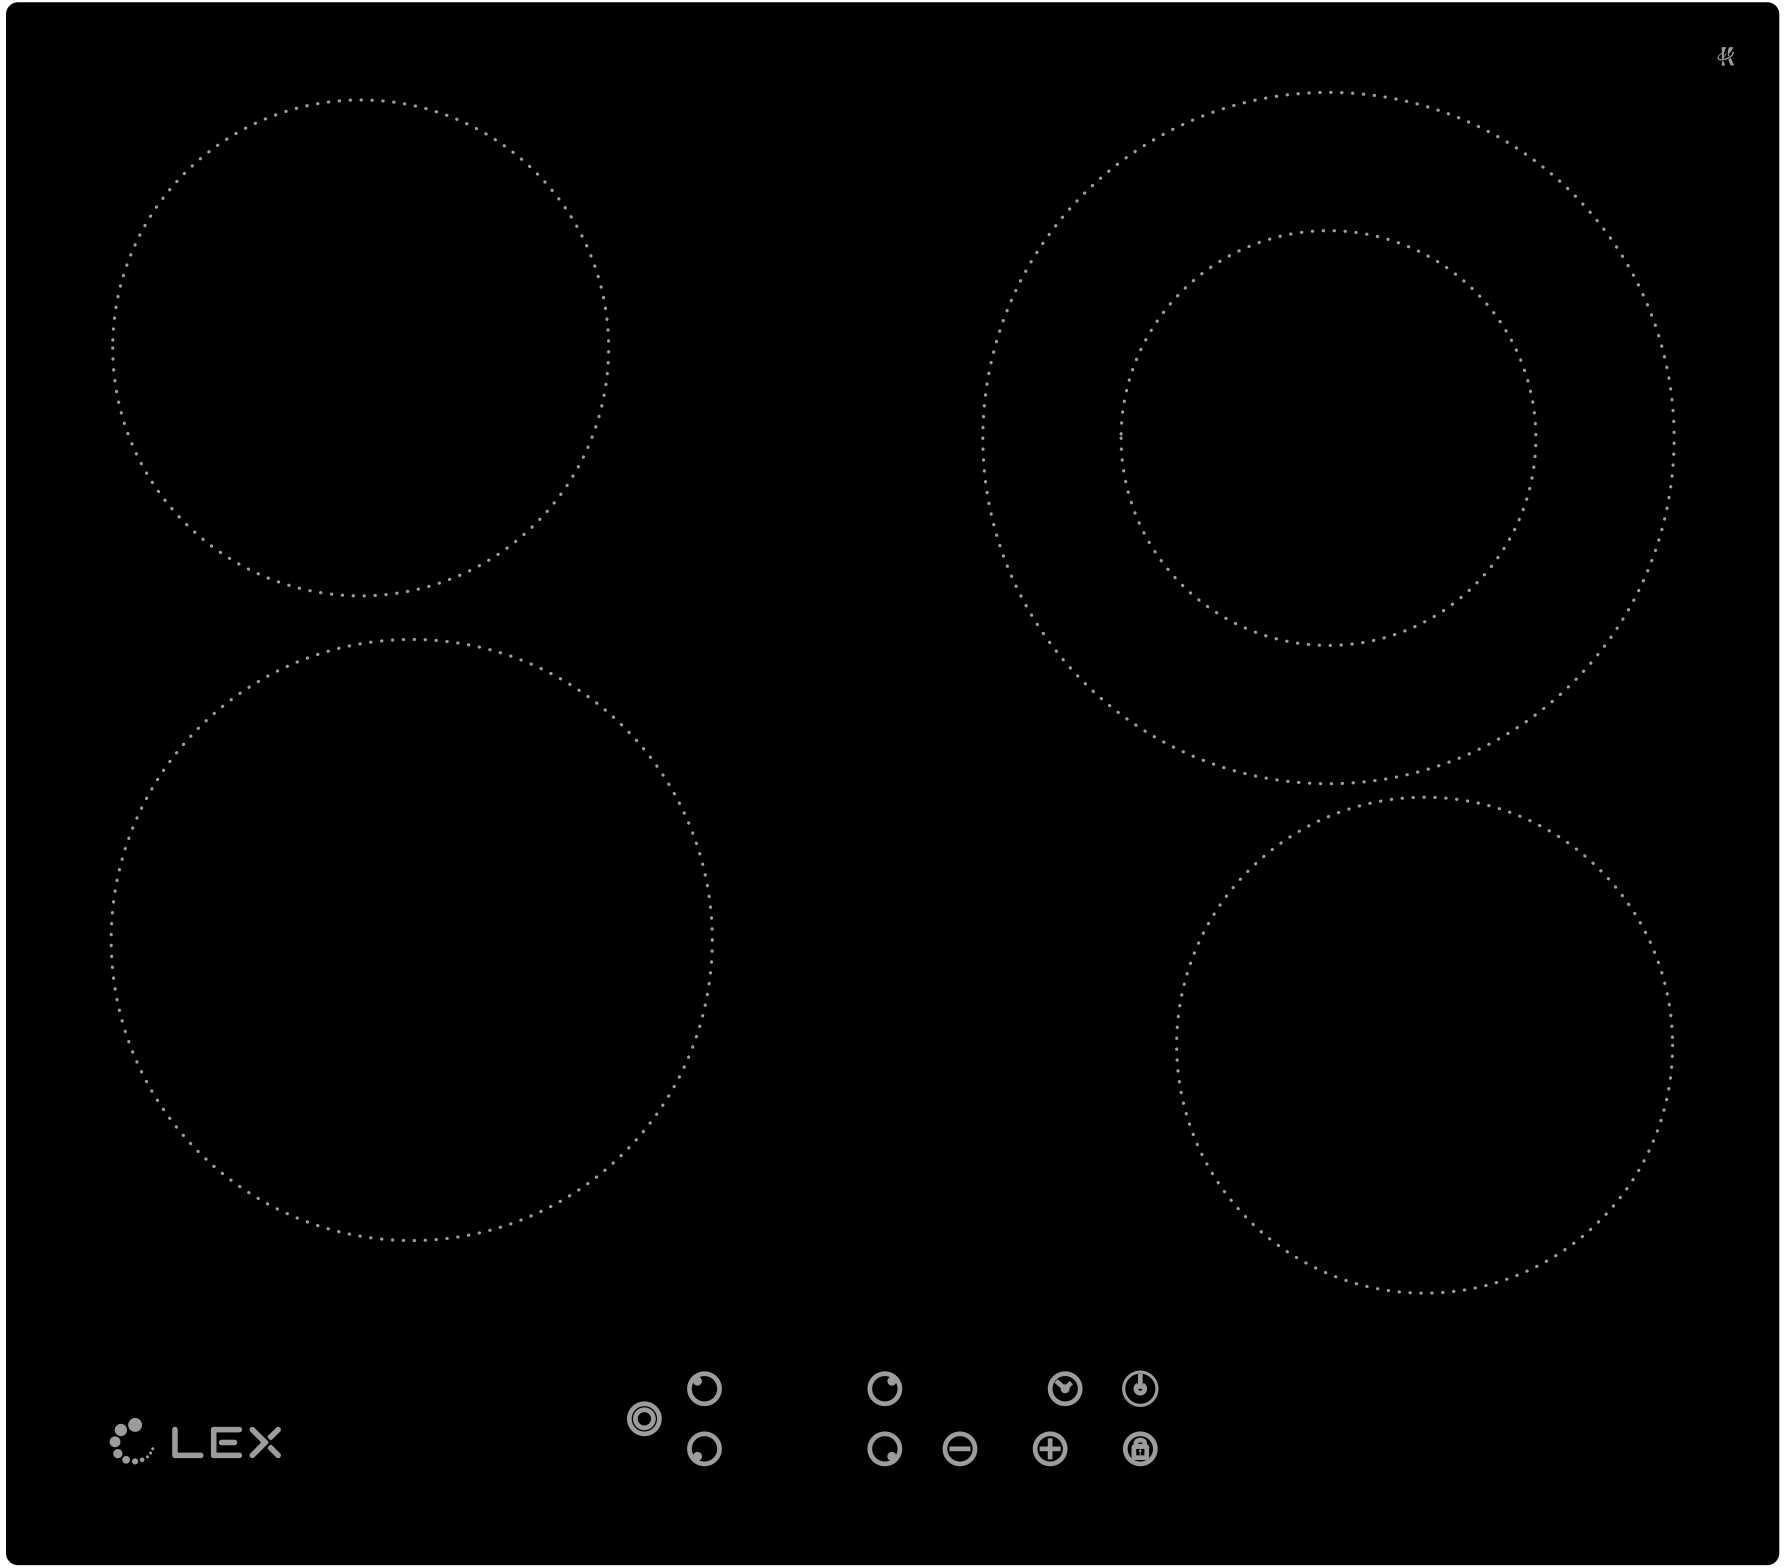 Встраиваемая варочная панель Lex Evh 641 bl электрическая варочная панель lex evh 642 bl